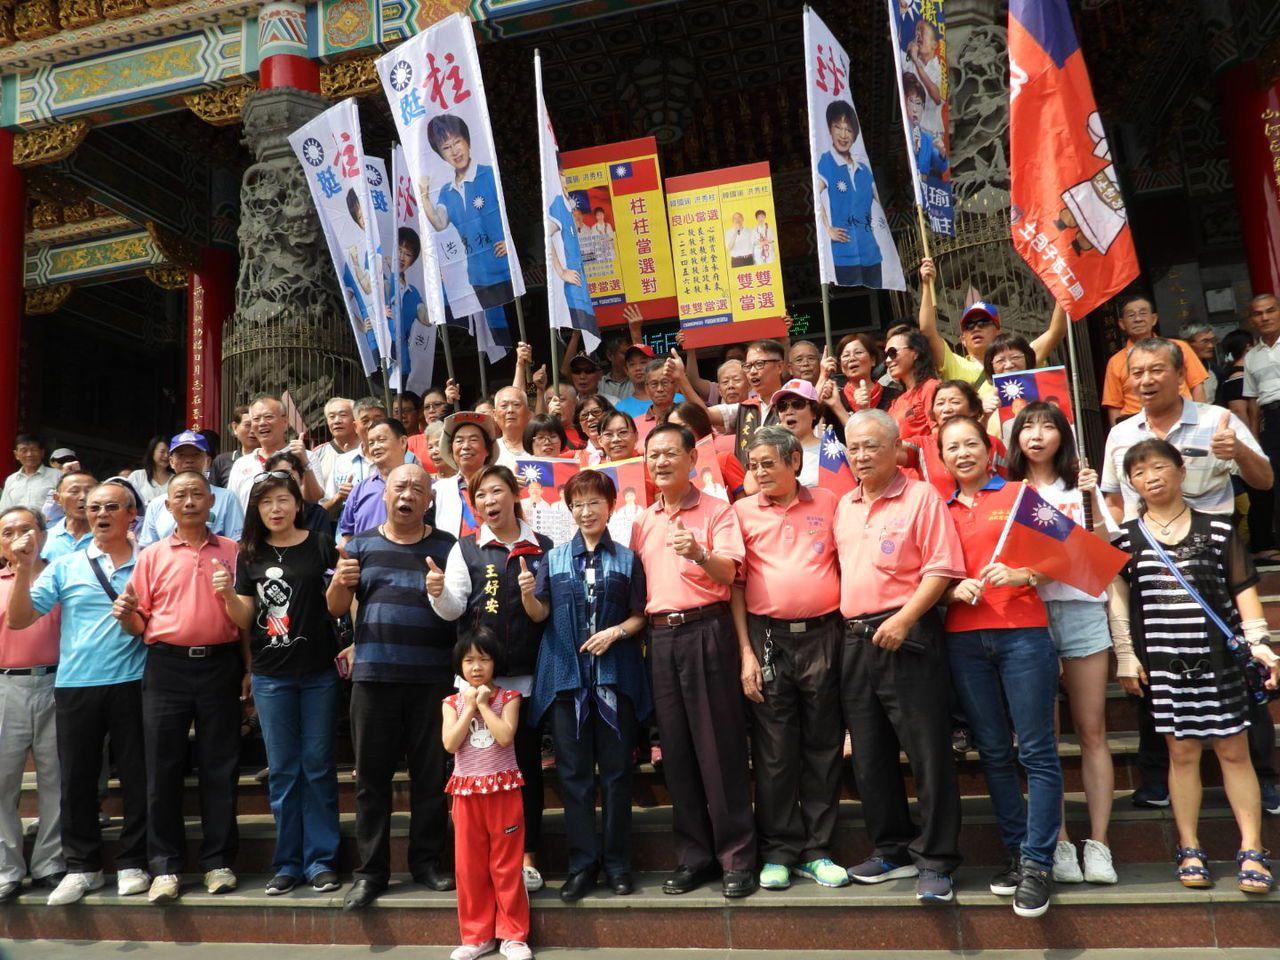 洪秀柱到台南關廟山西宮參拜,支持者簇擁歡迎。記者周宗禎/攝影